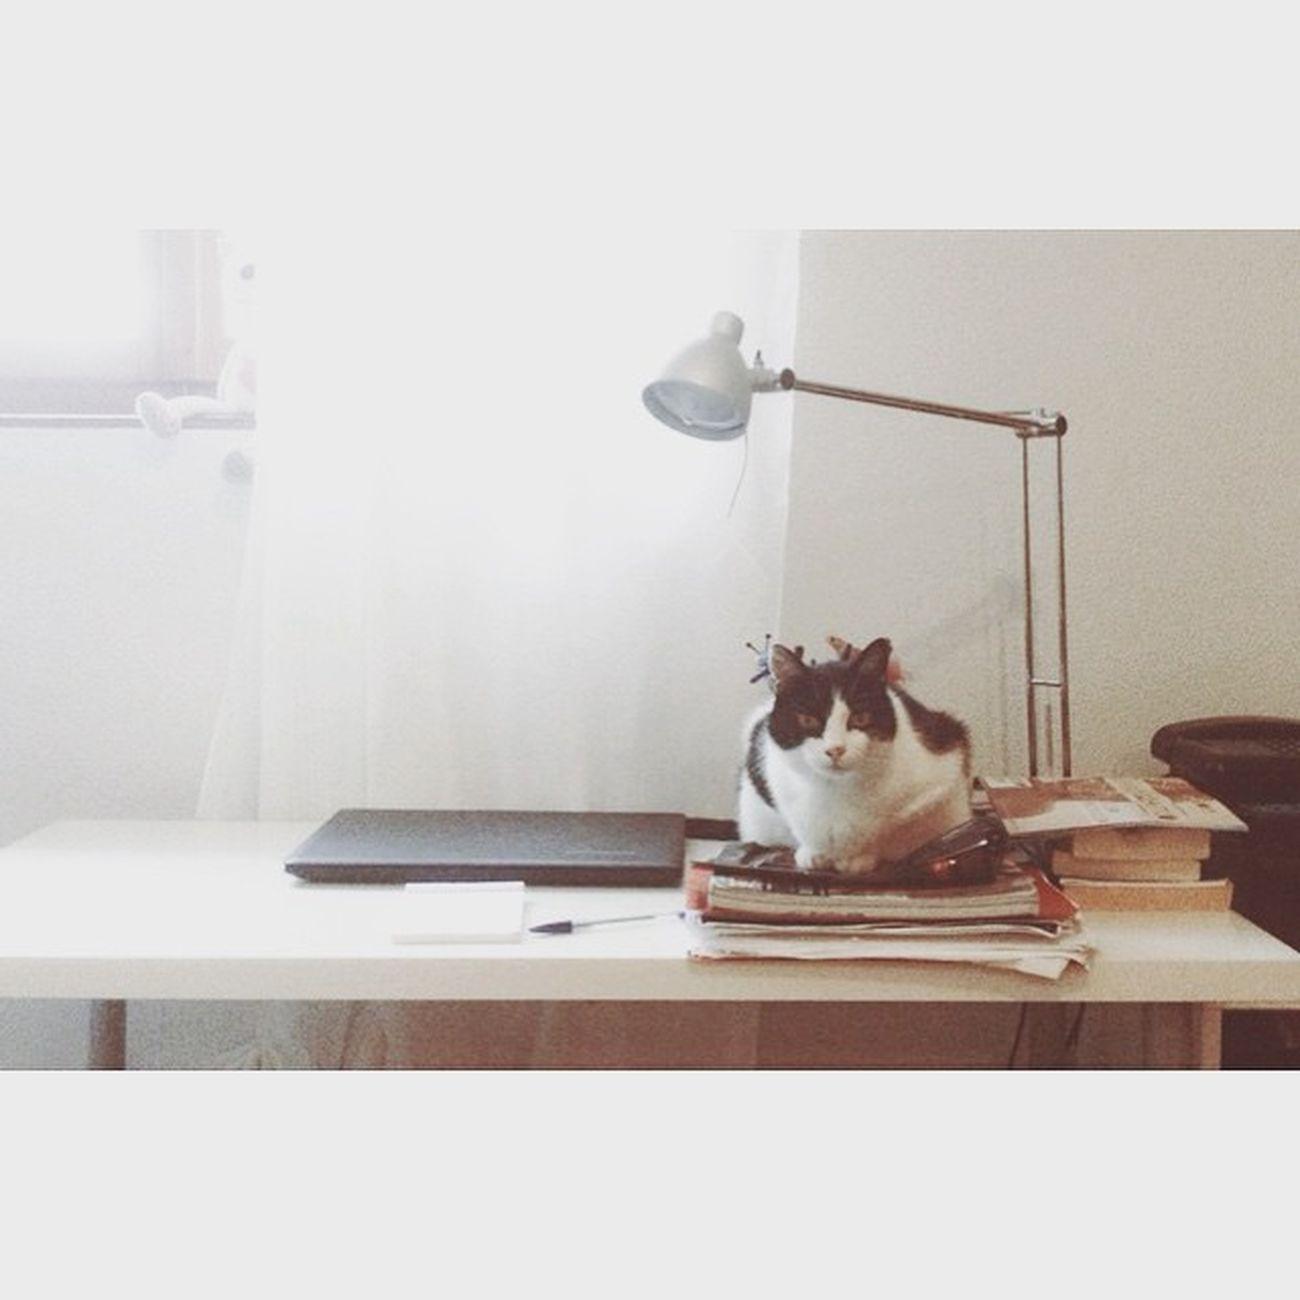 Anche Macchia si diploma quest'anno 📘📚📓😺🐱 Macchia Gatto Cat Pet Books Computer Study Maturande Maturità Instapet Animals Animal Instaanimals Picture Photo Photofday 2K15 Estate2k15 Summer2015